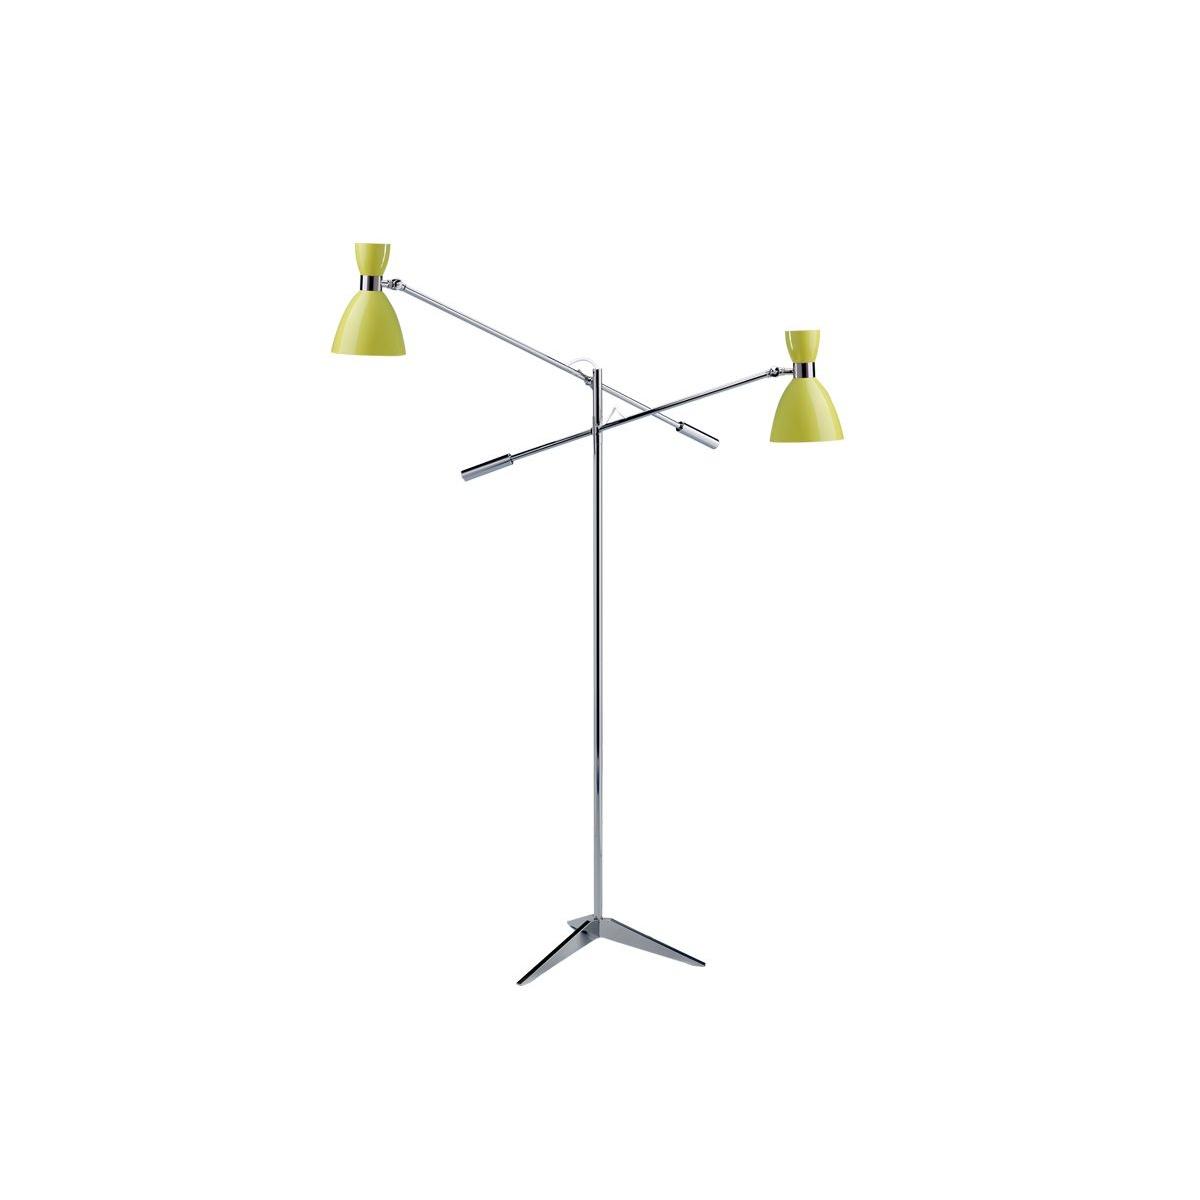 Tall Adjustable Floor Lamp Charlie